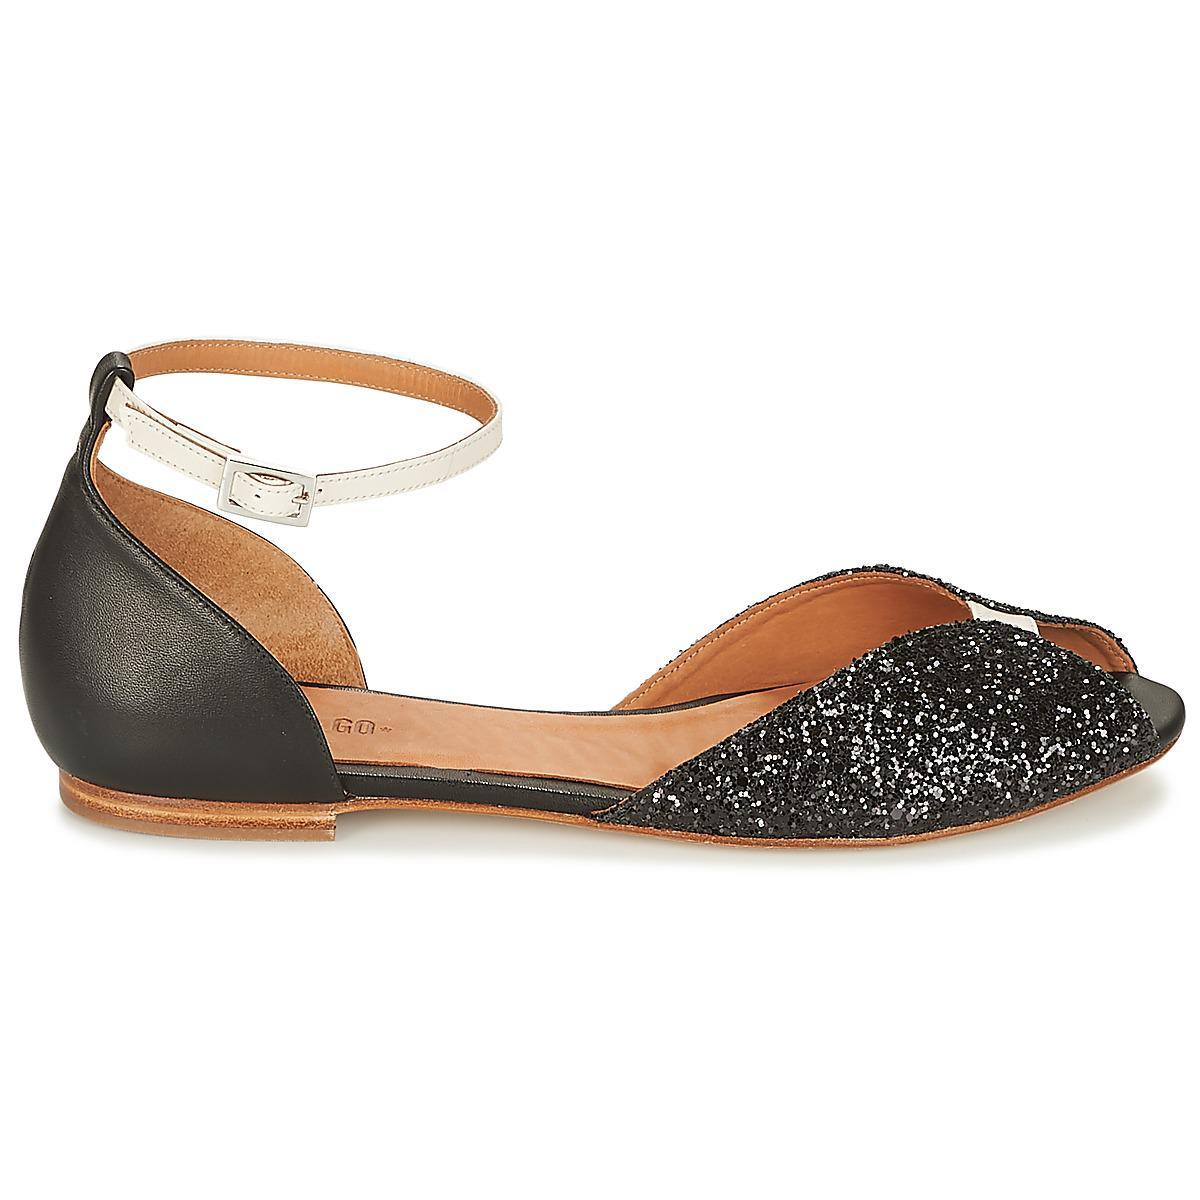 d71128c5fe9d0e Emma Go Juliette Glitter Women s Sandals In Black in Black - Lyst